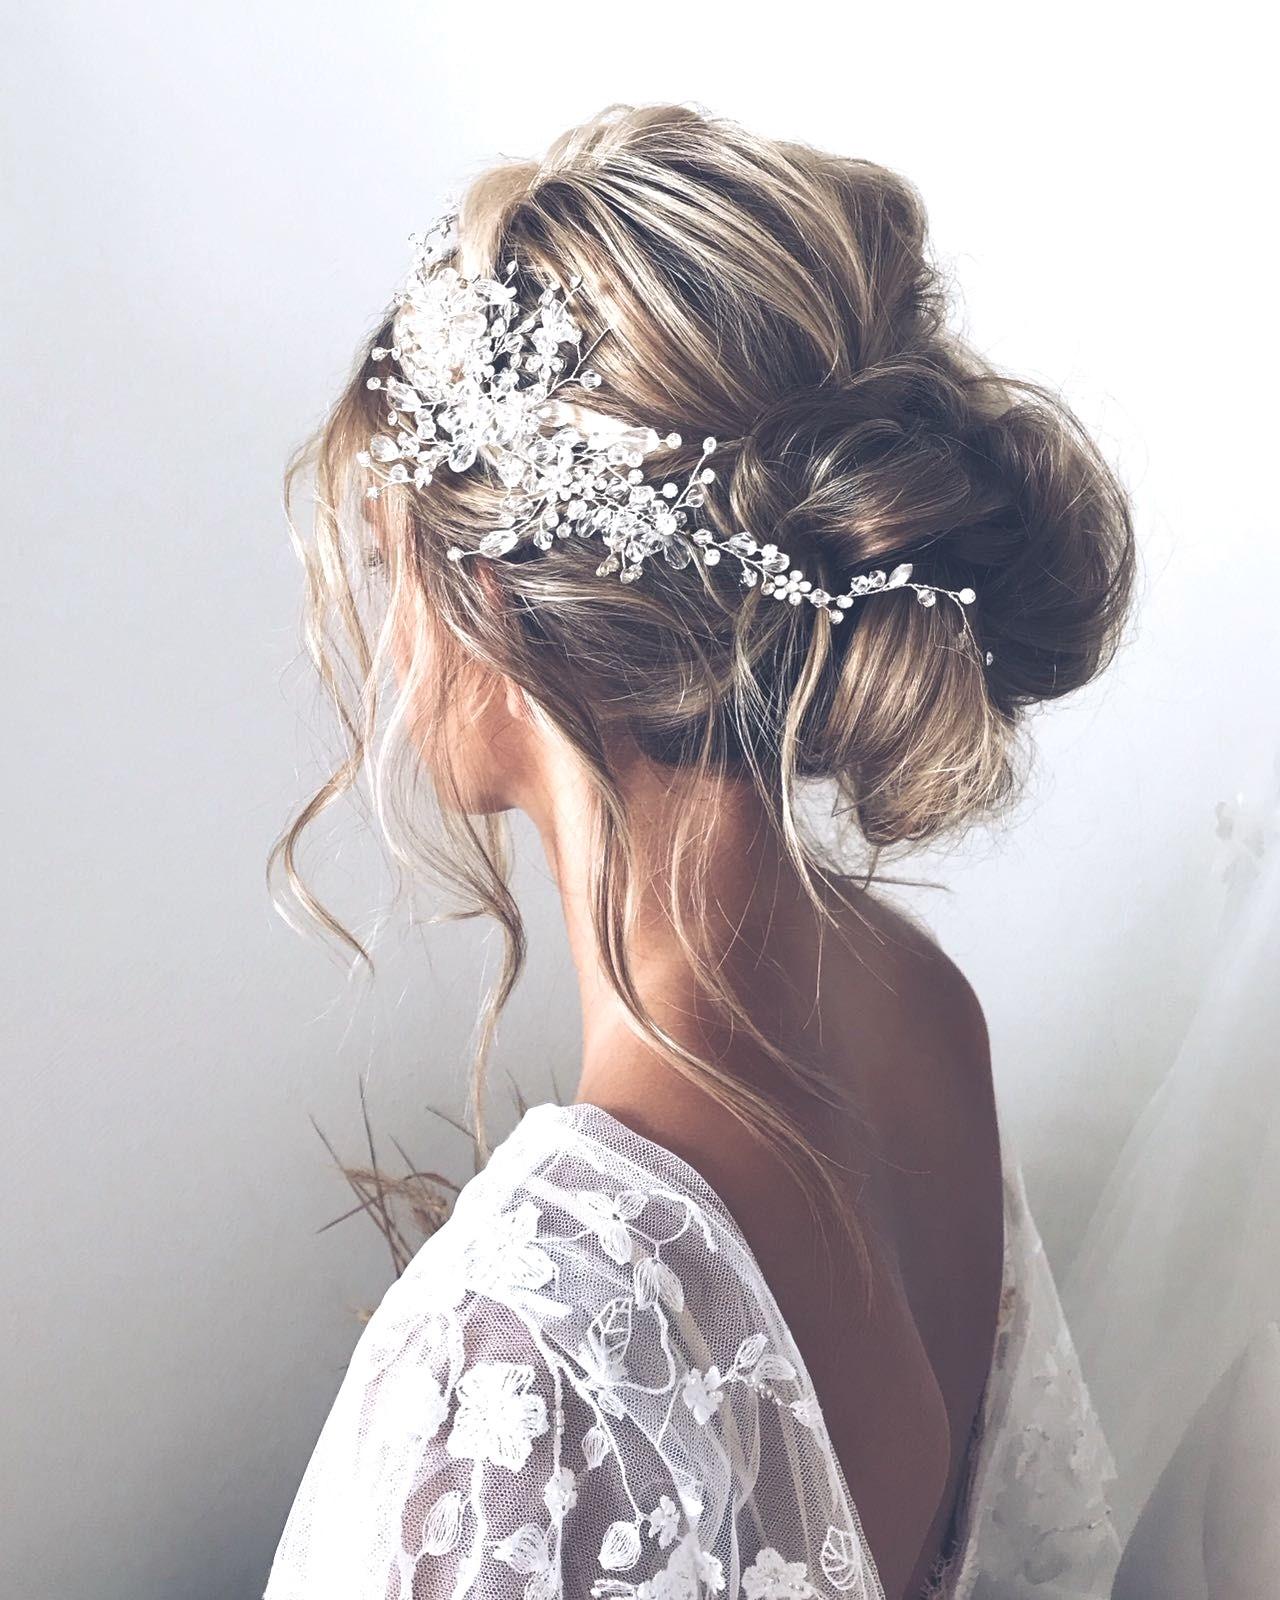 Ce style est parfait pour une mariée avec une robe boho.